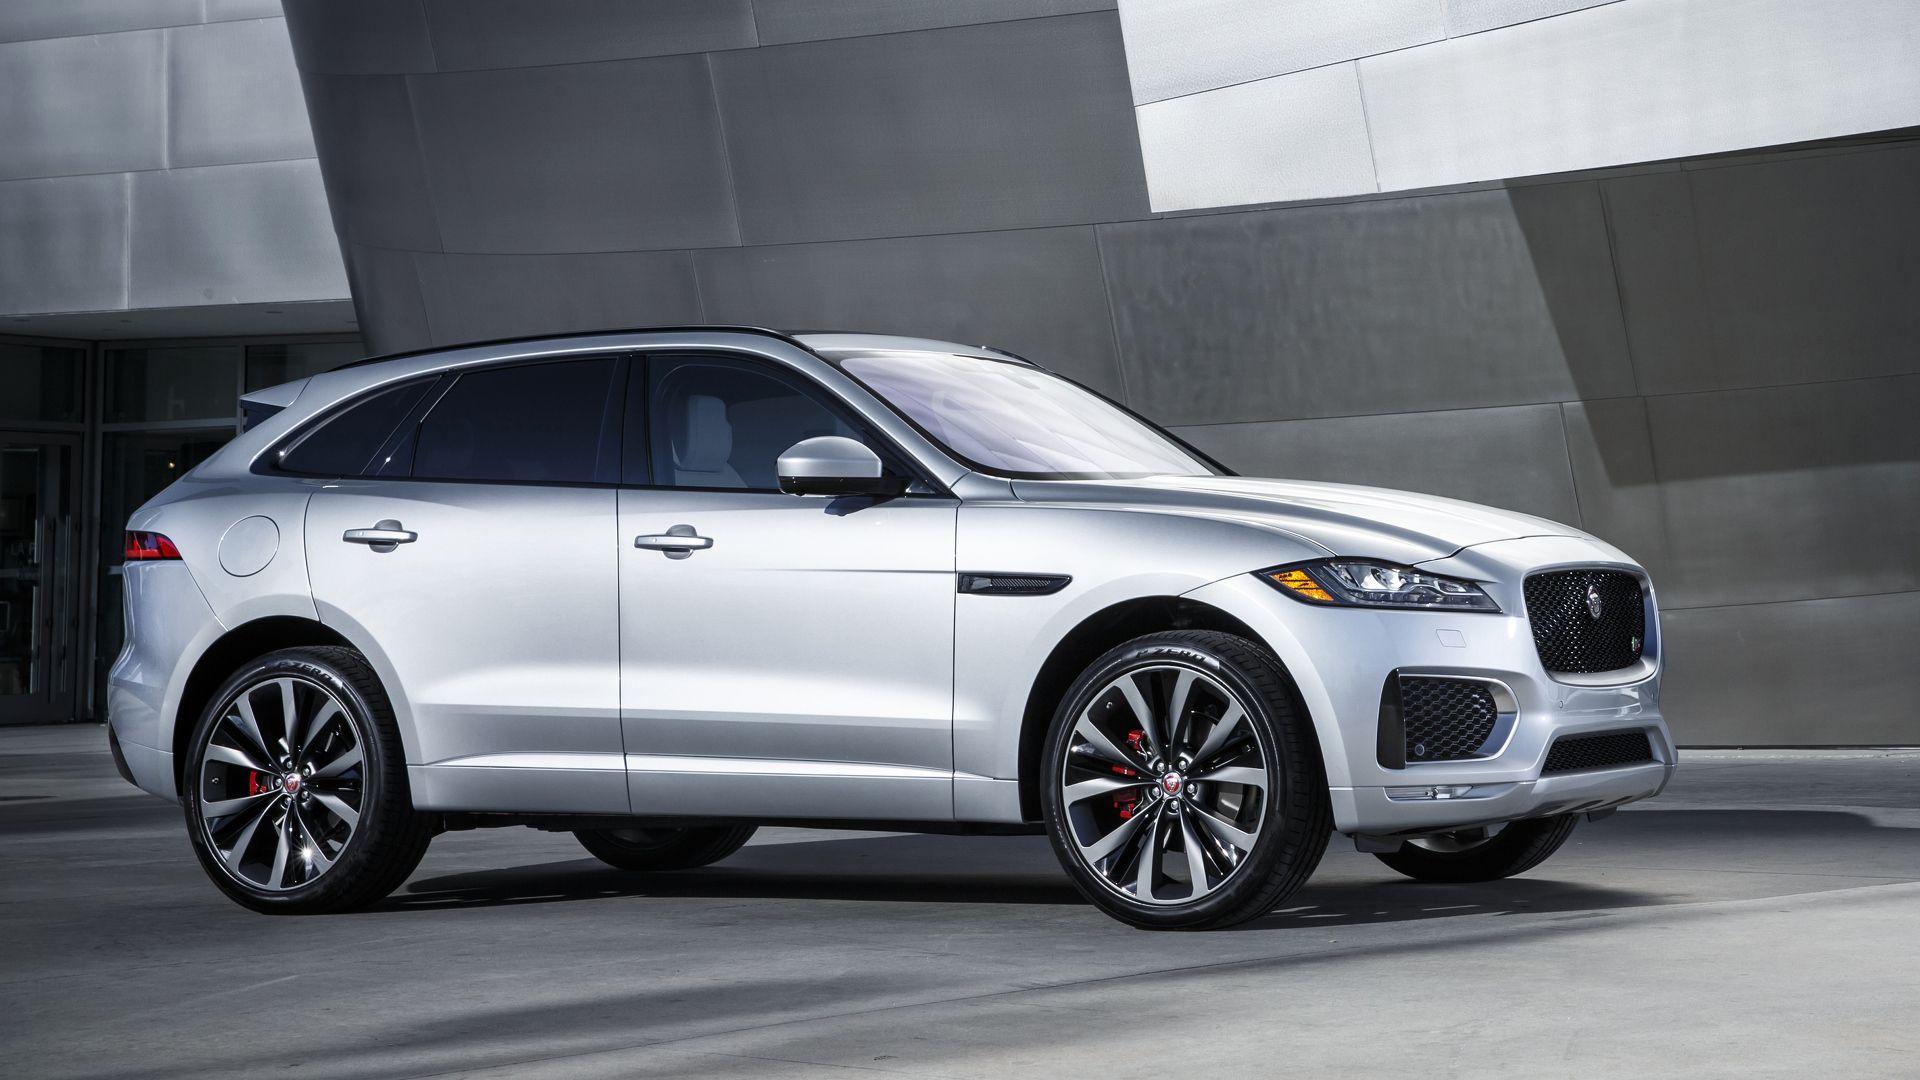 Jaguar E Pace Facelift 2020 Changes Release Date Jaguar Fpace Jaguar Suv Jaguar E